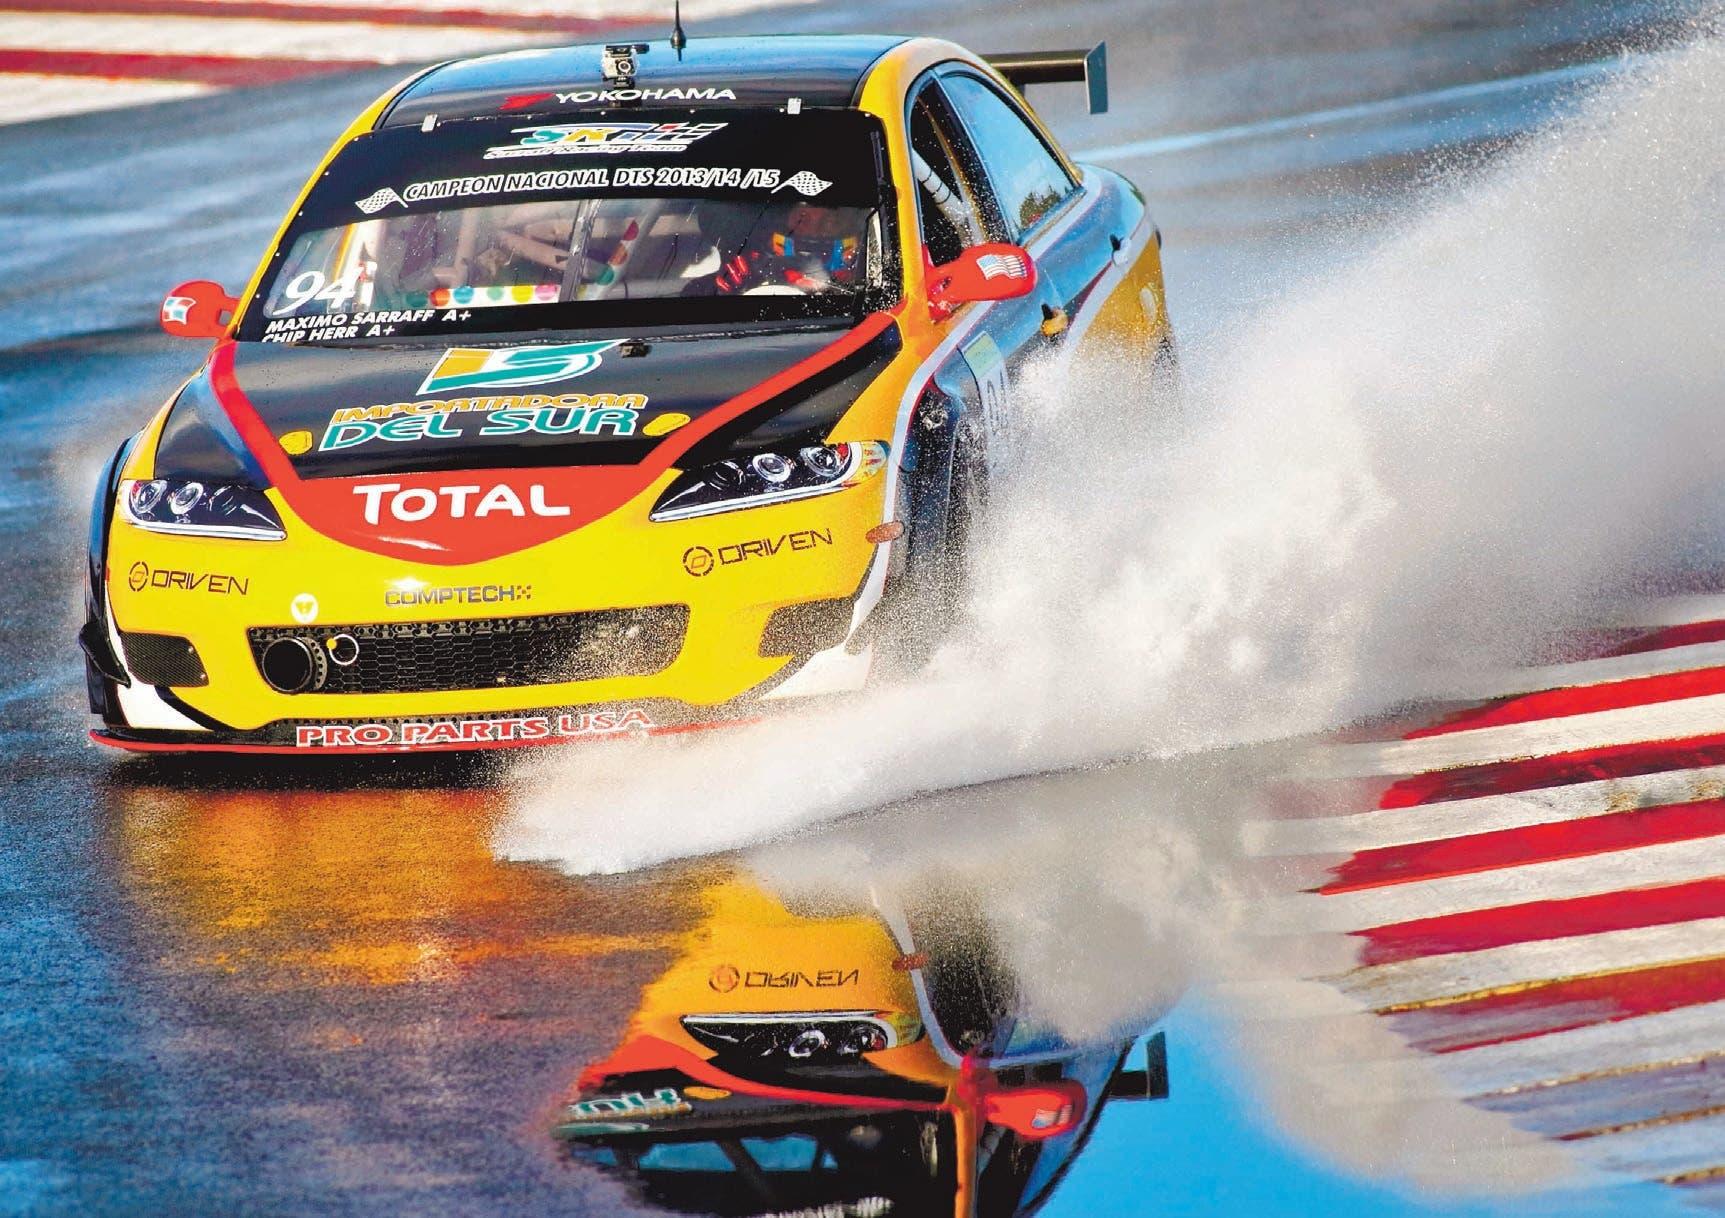 Herr y Keinubing Se imponen en el Grand Prix Viva